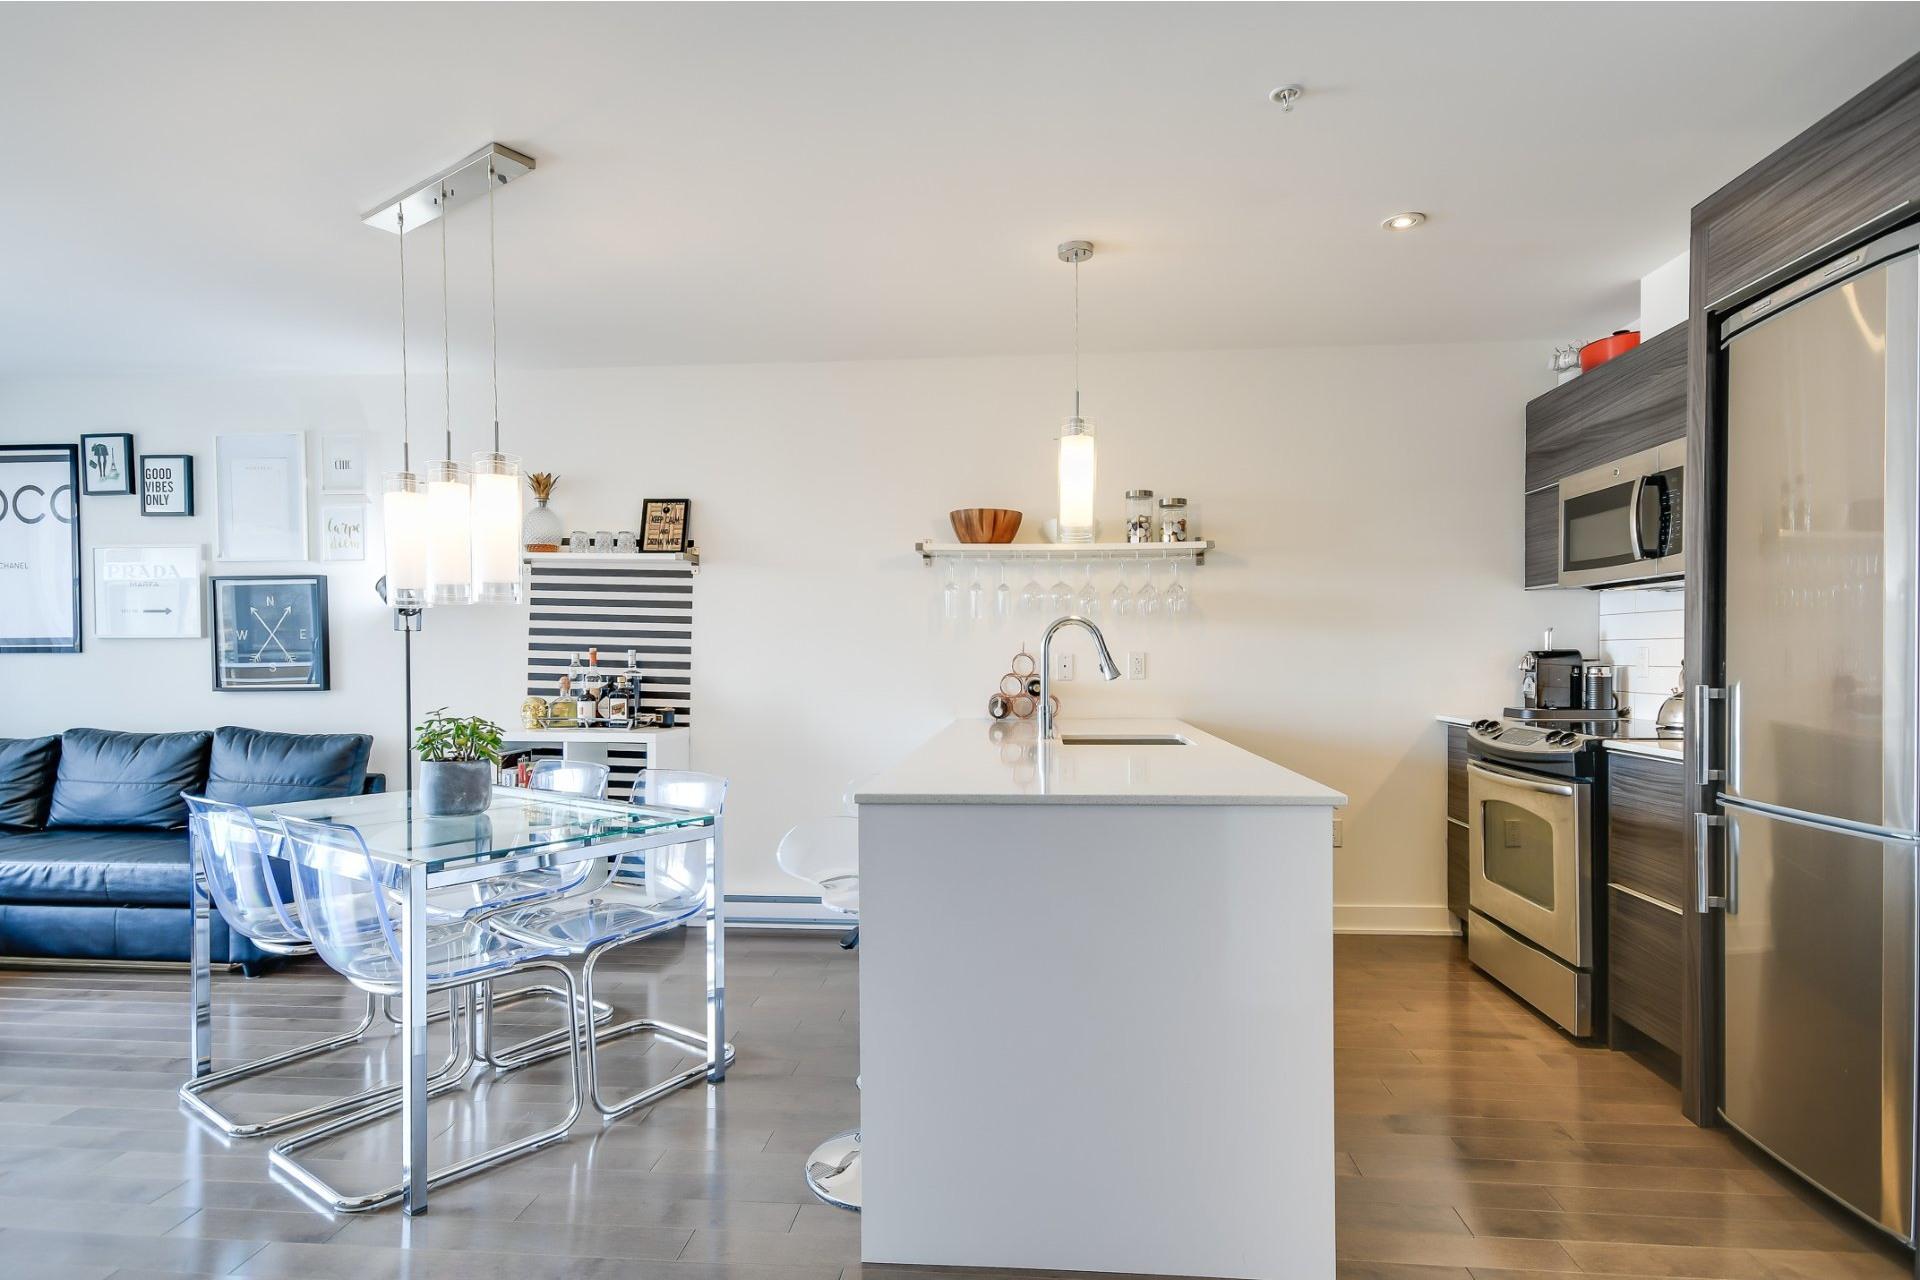 image 0 - Appartement À vendre Rosemont/La Petite-Patrie Montréal  - 4 pièces